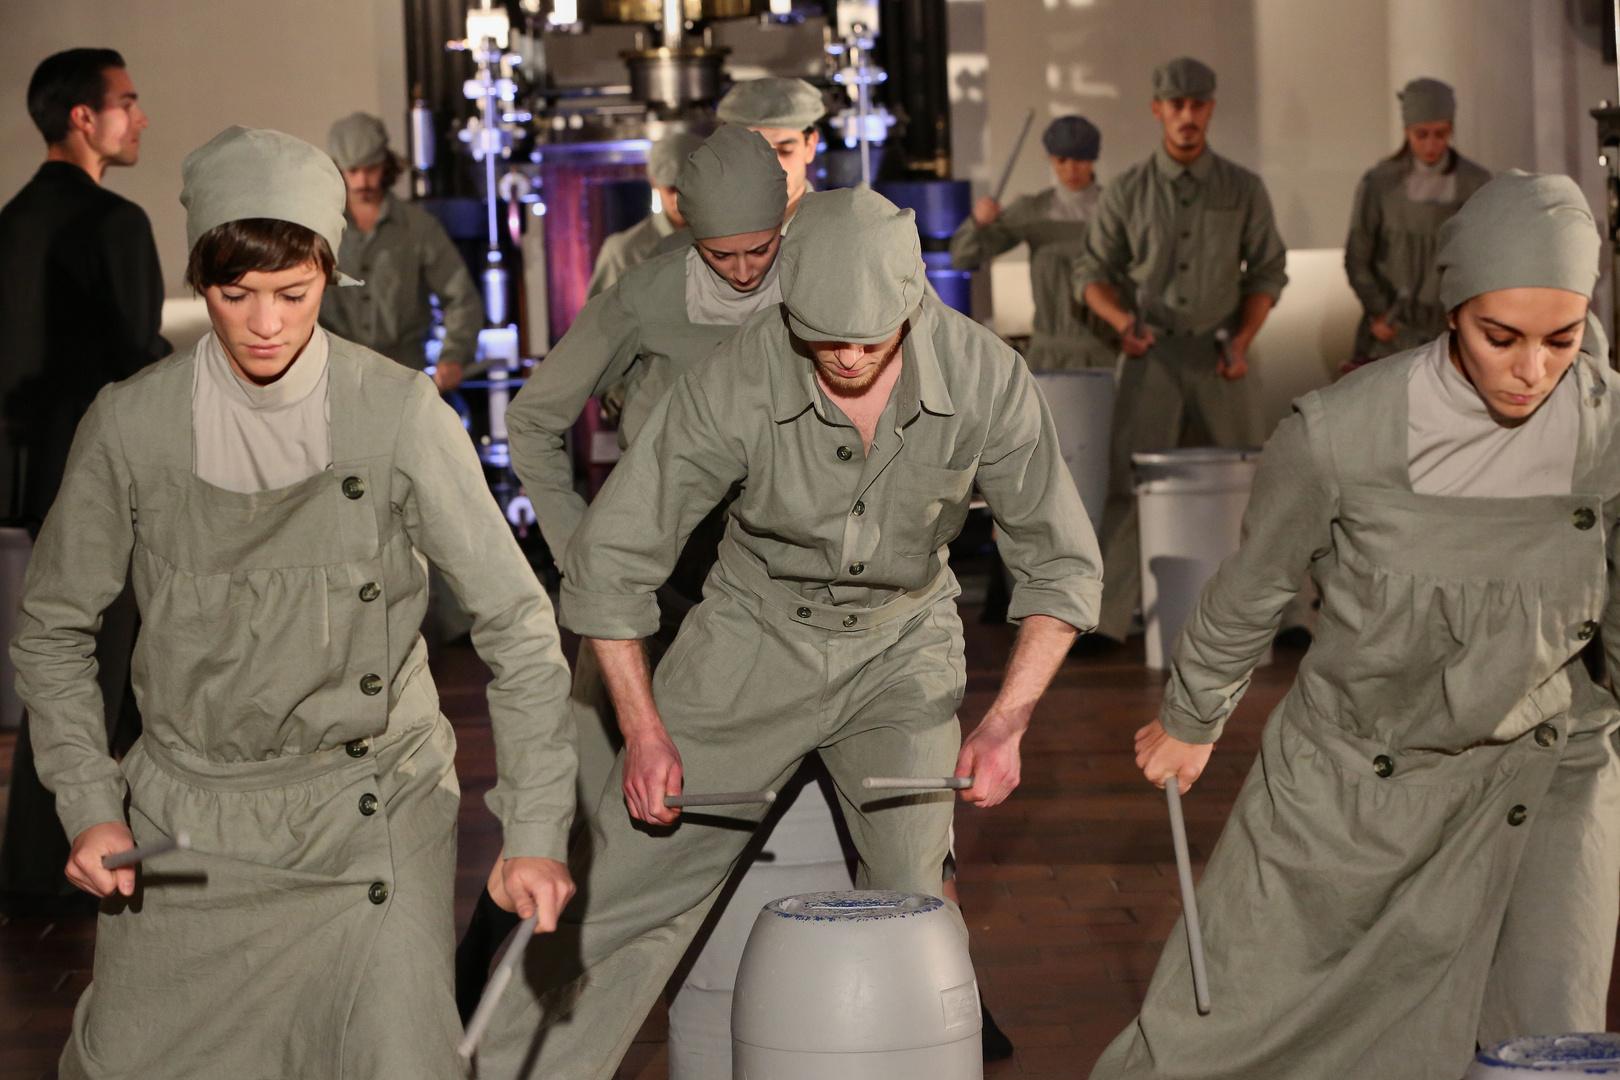 Tanz - bewegte Körper und Maschine - 5 -